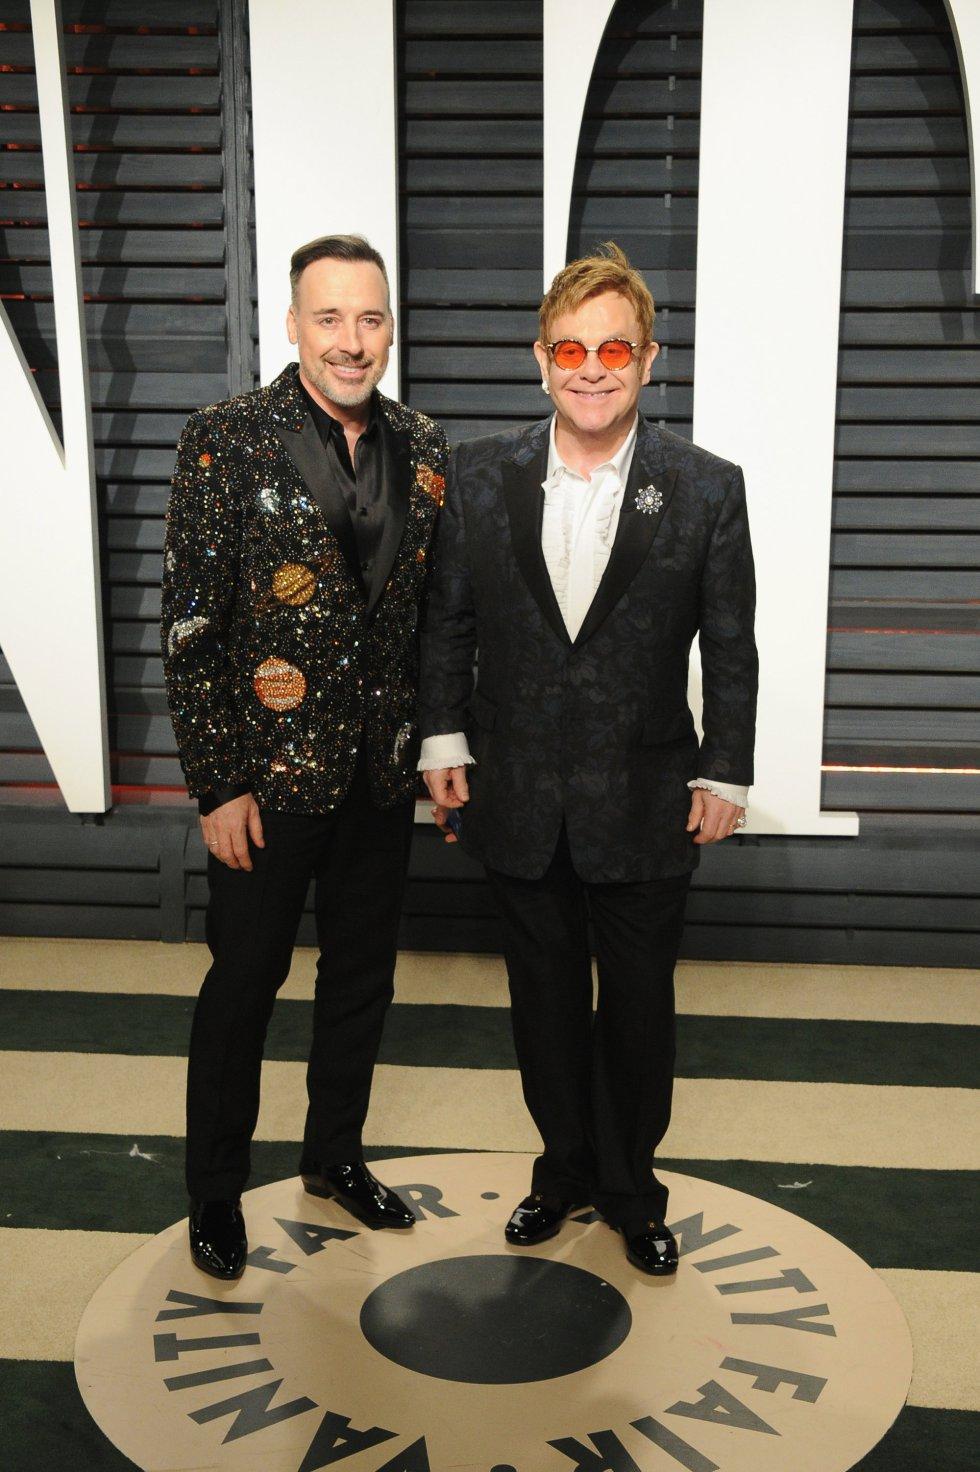 El director David Furnish y el artista Elton John en la fiesta de Vanity Fair.